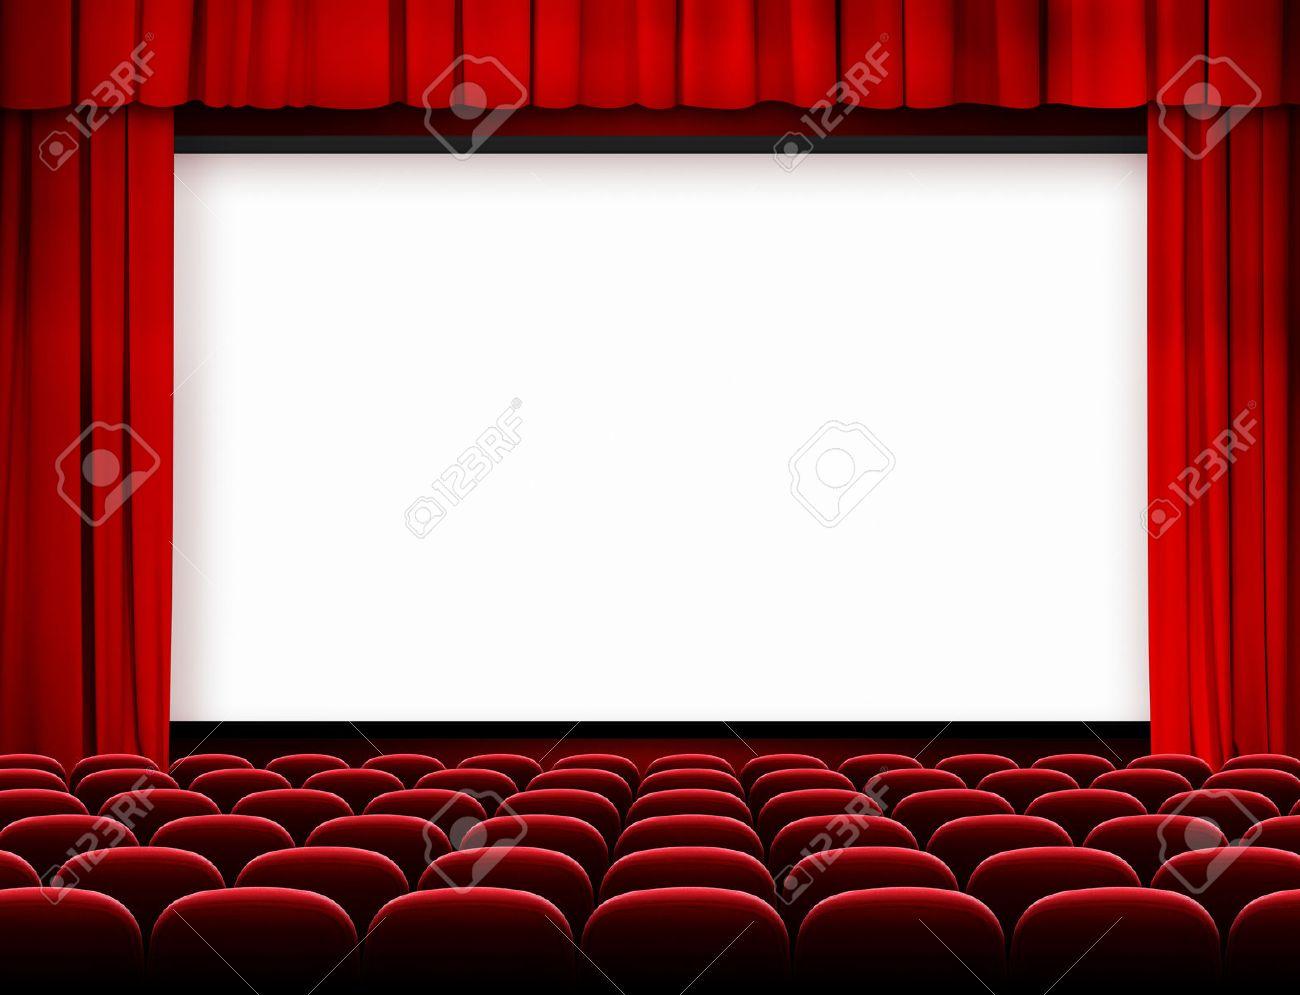 pantalla de cine con cortinas rojas y asientos foto de archivo